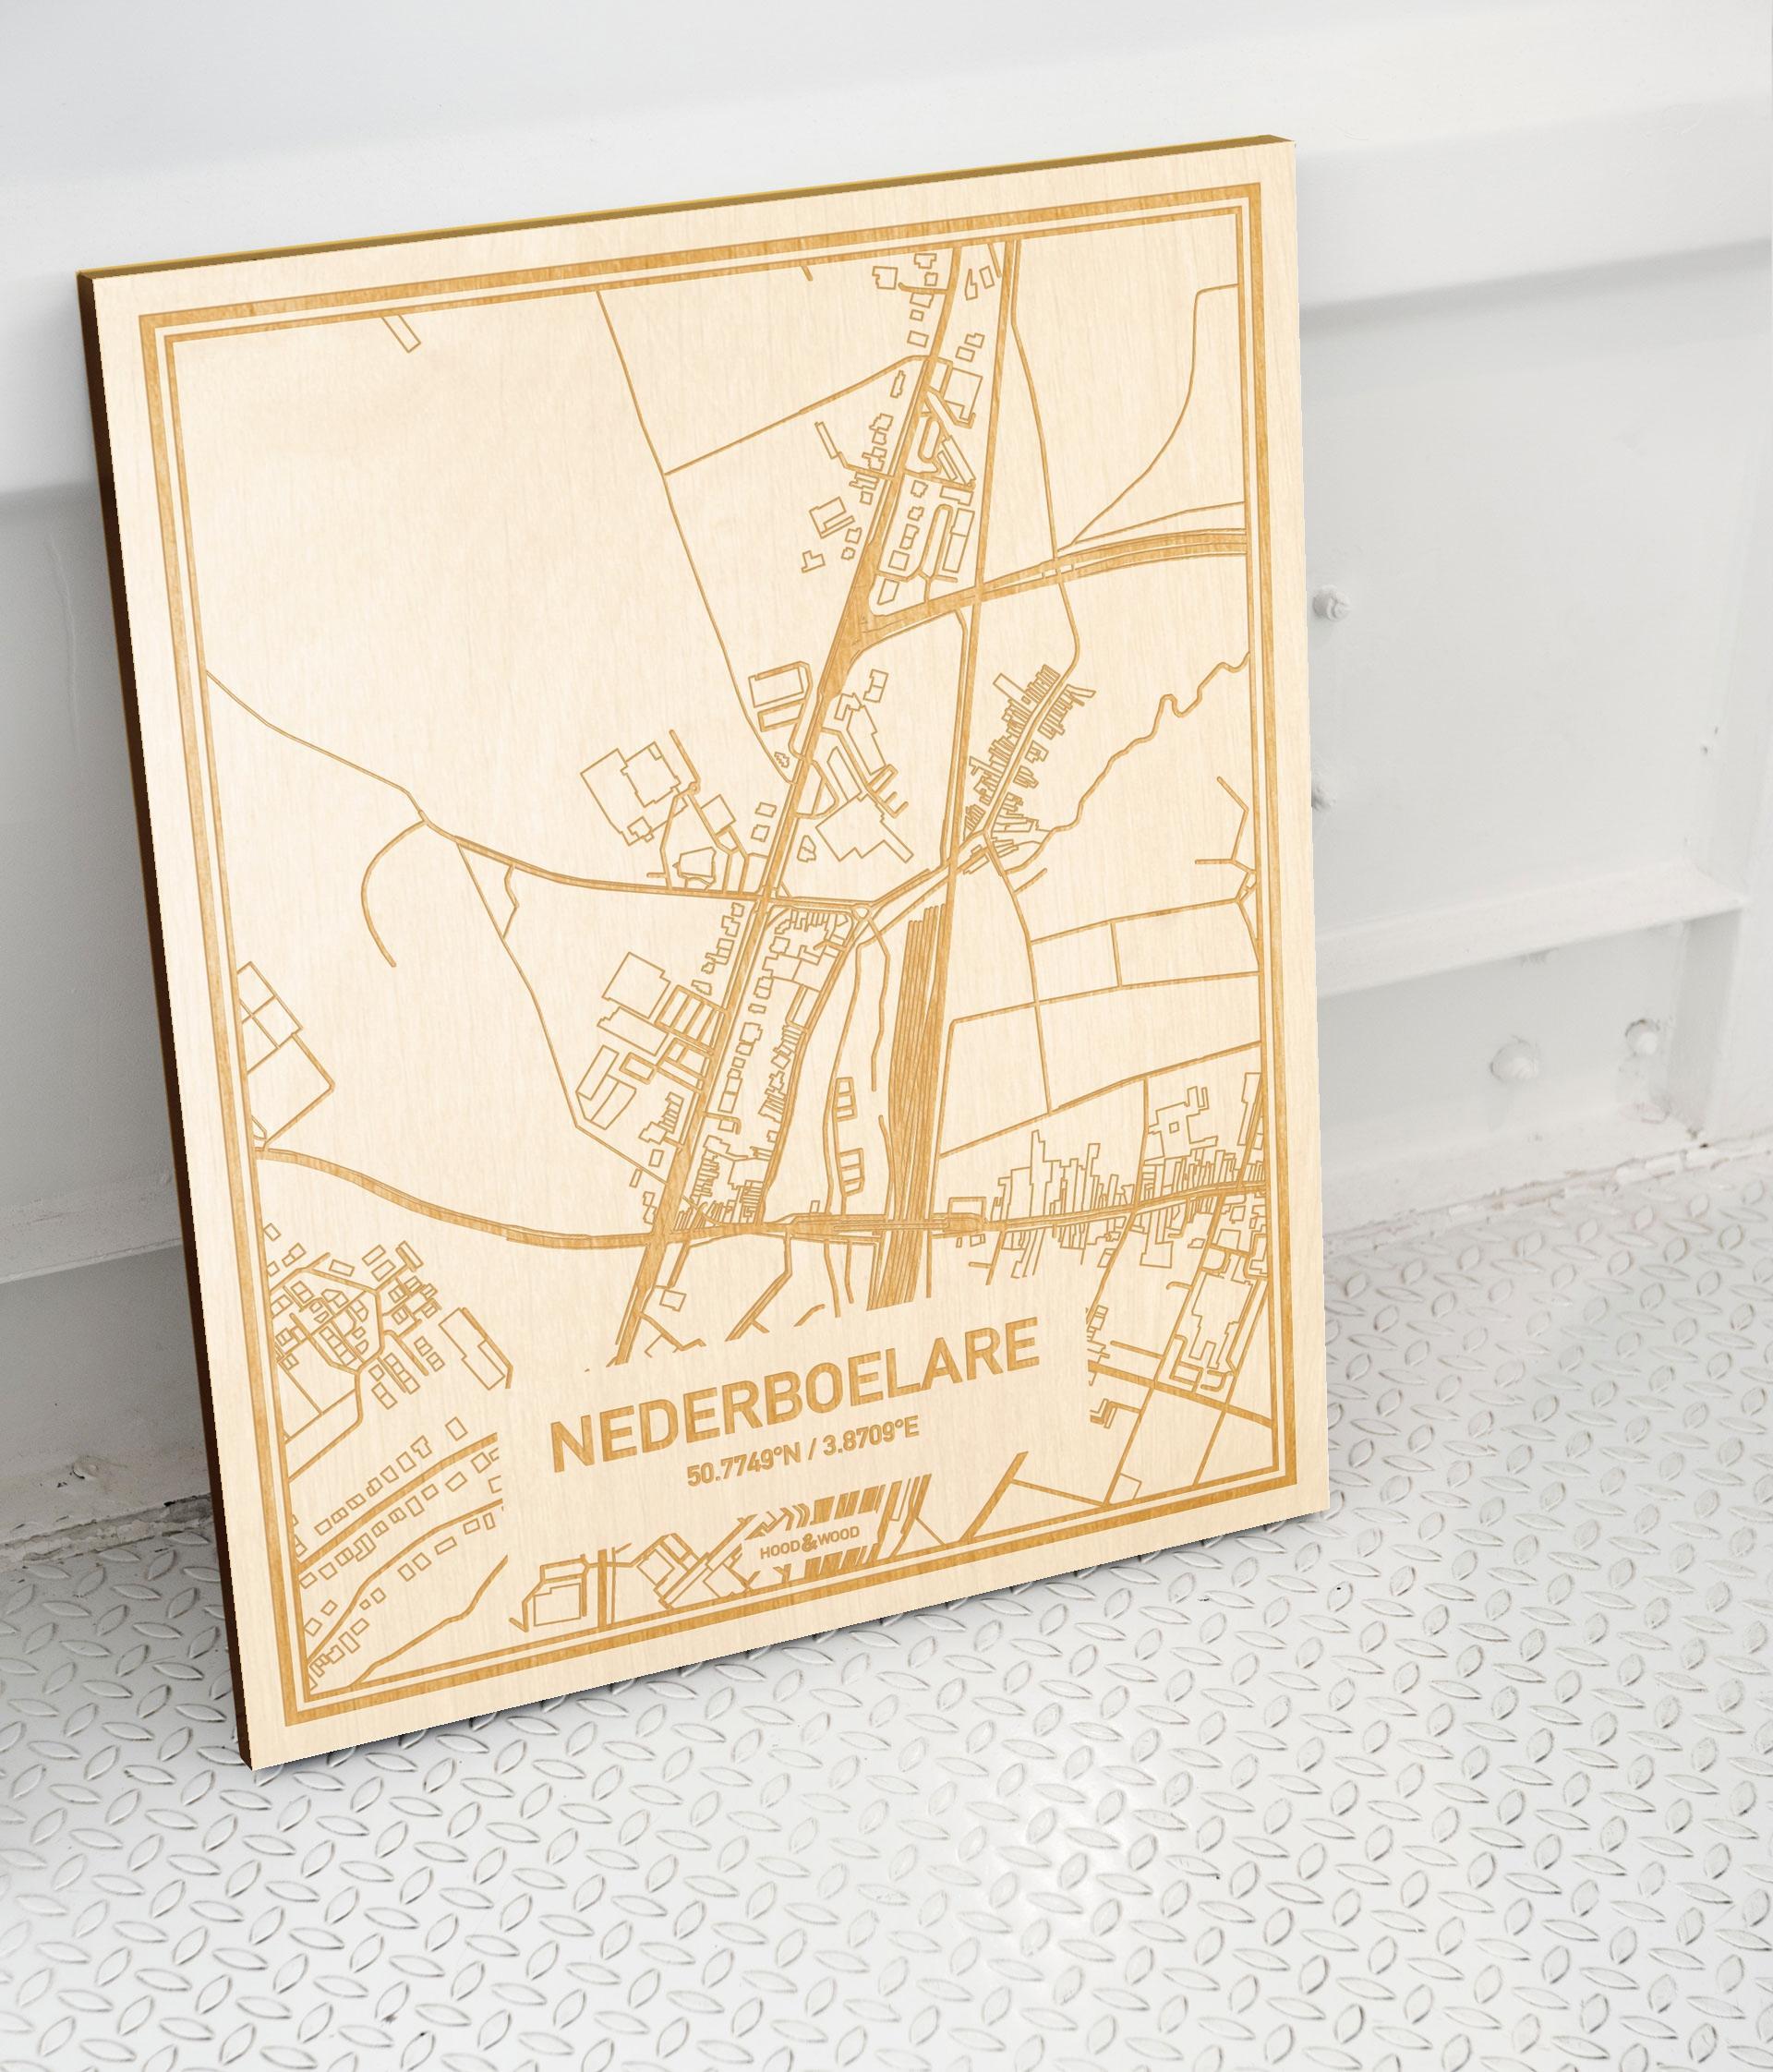 Plattegrond Nederboelare als prachtige houten wanddecoratie. Het warme hout contrasteert mooi met de witte muur.